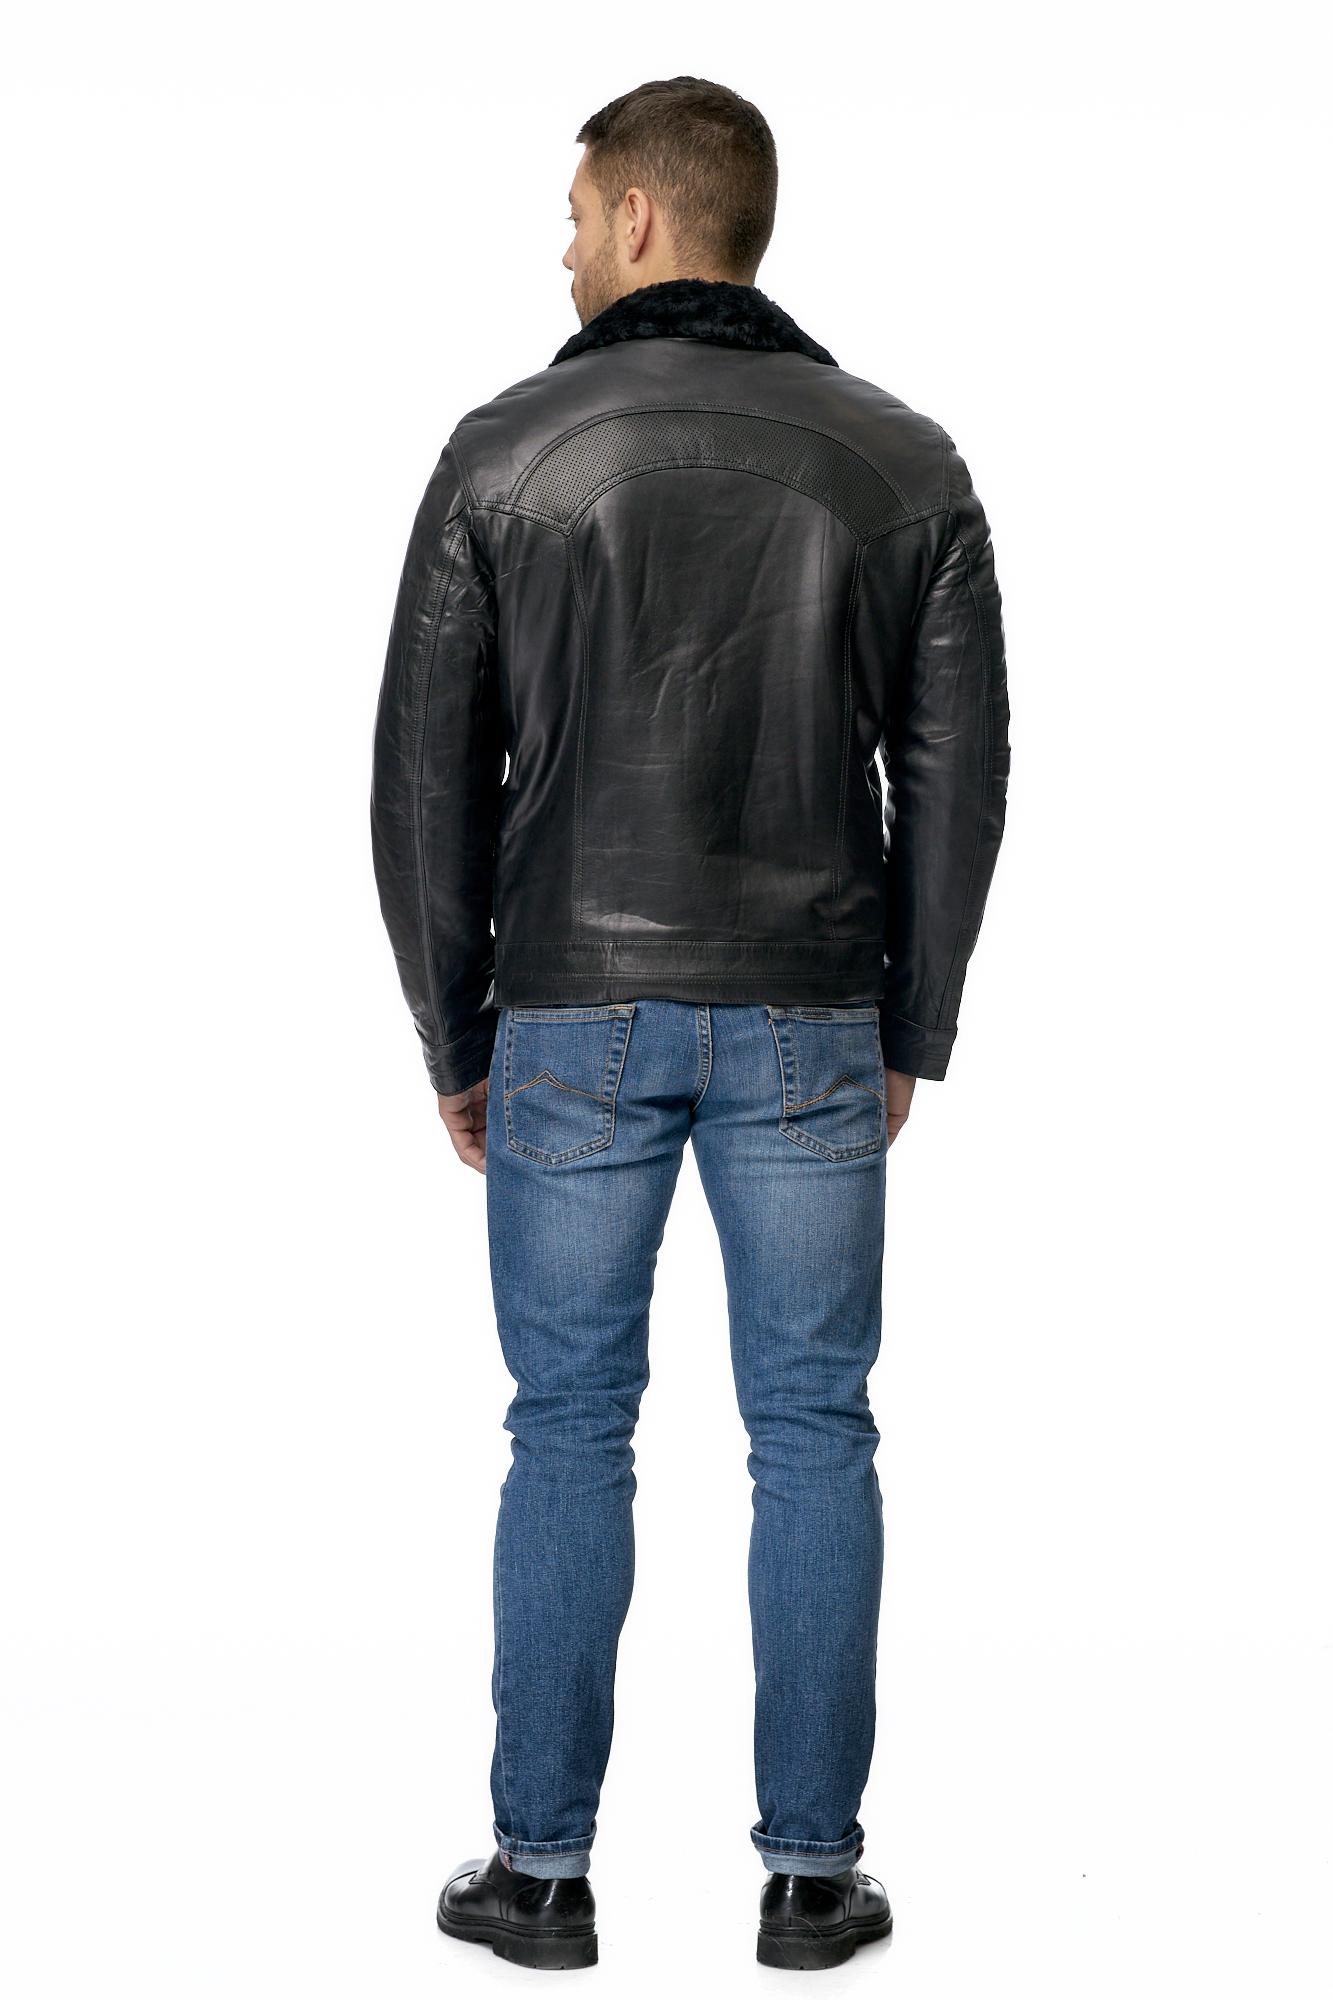 Мужская кожаная куртка из натуральной кожи на меху с воротником фото 3